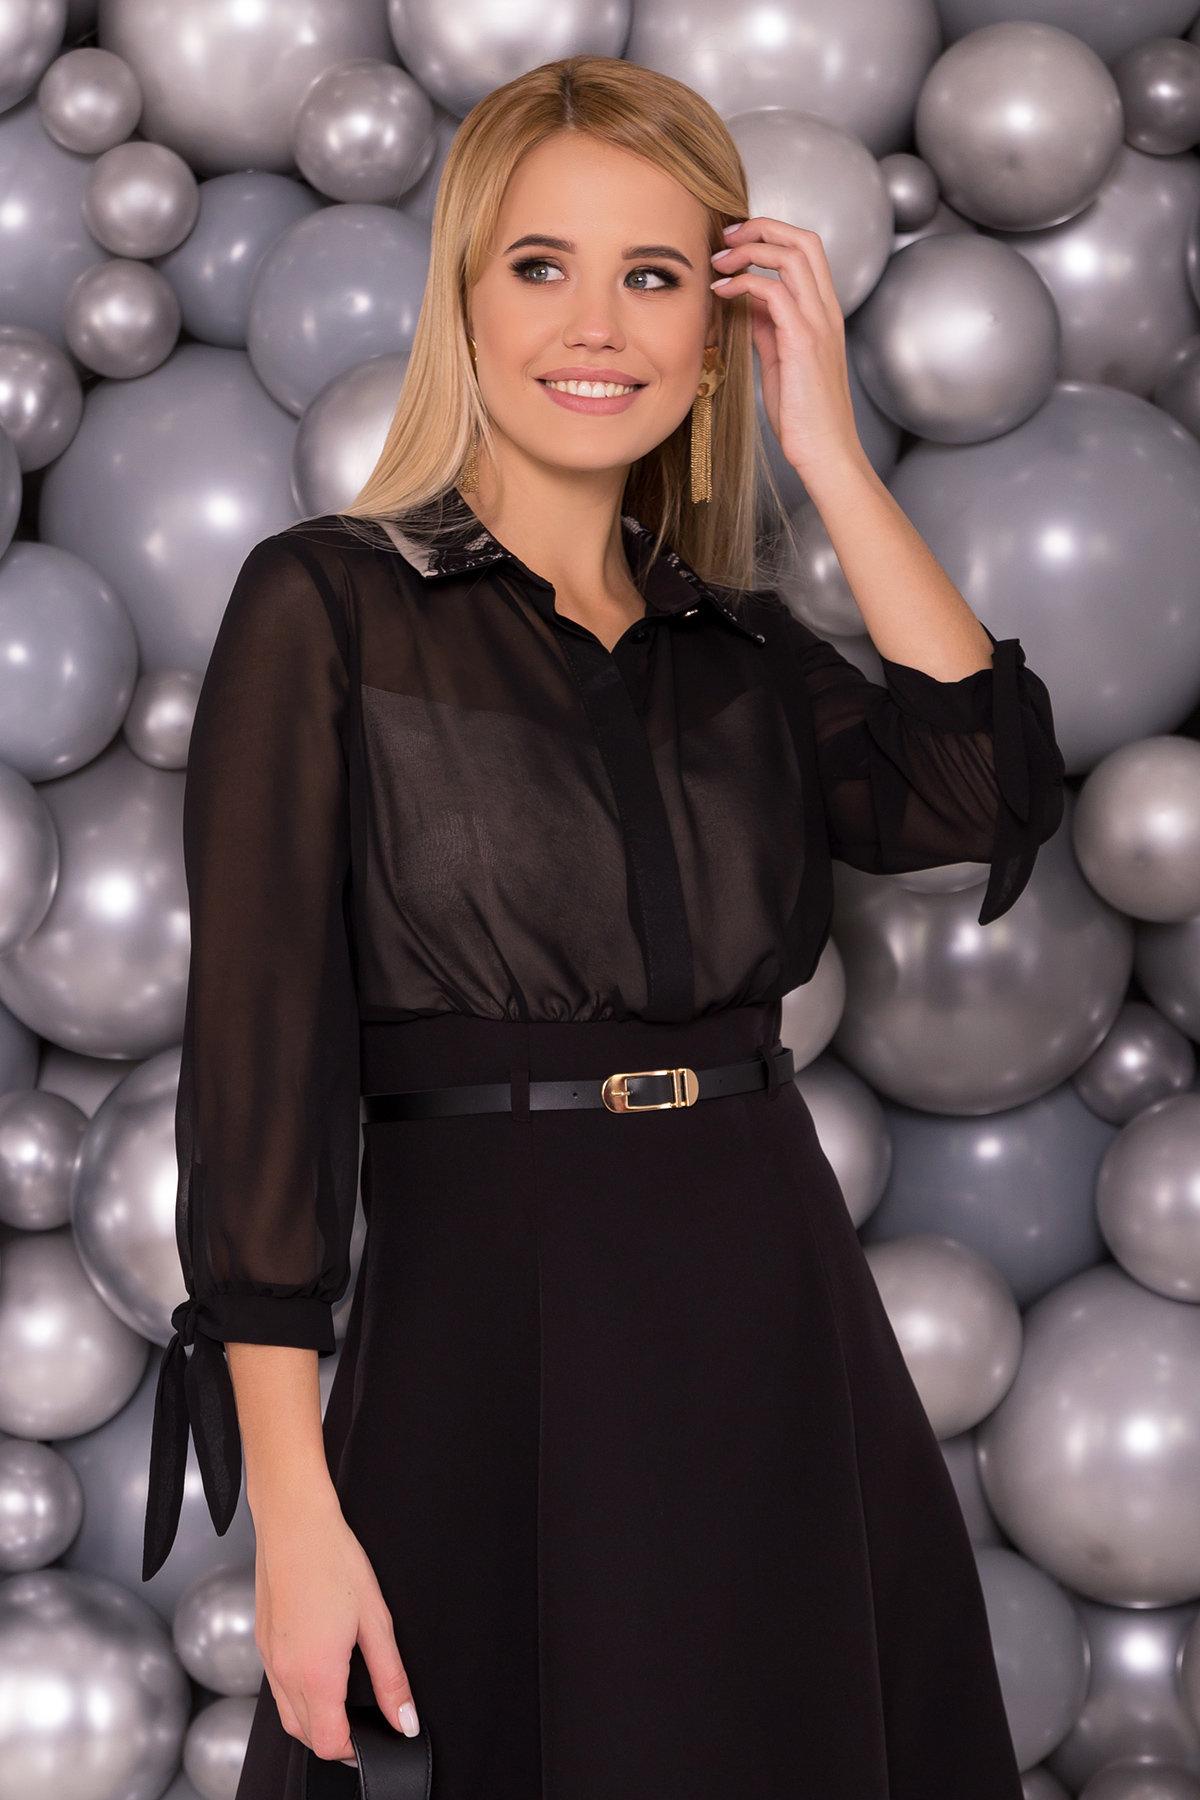 Платье Берли 5953 АРТ. 40641 Цвет: Черный/бежевый - фото 3, интернет магазин tm-modus.ru